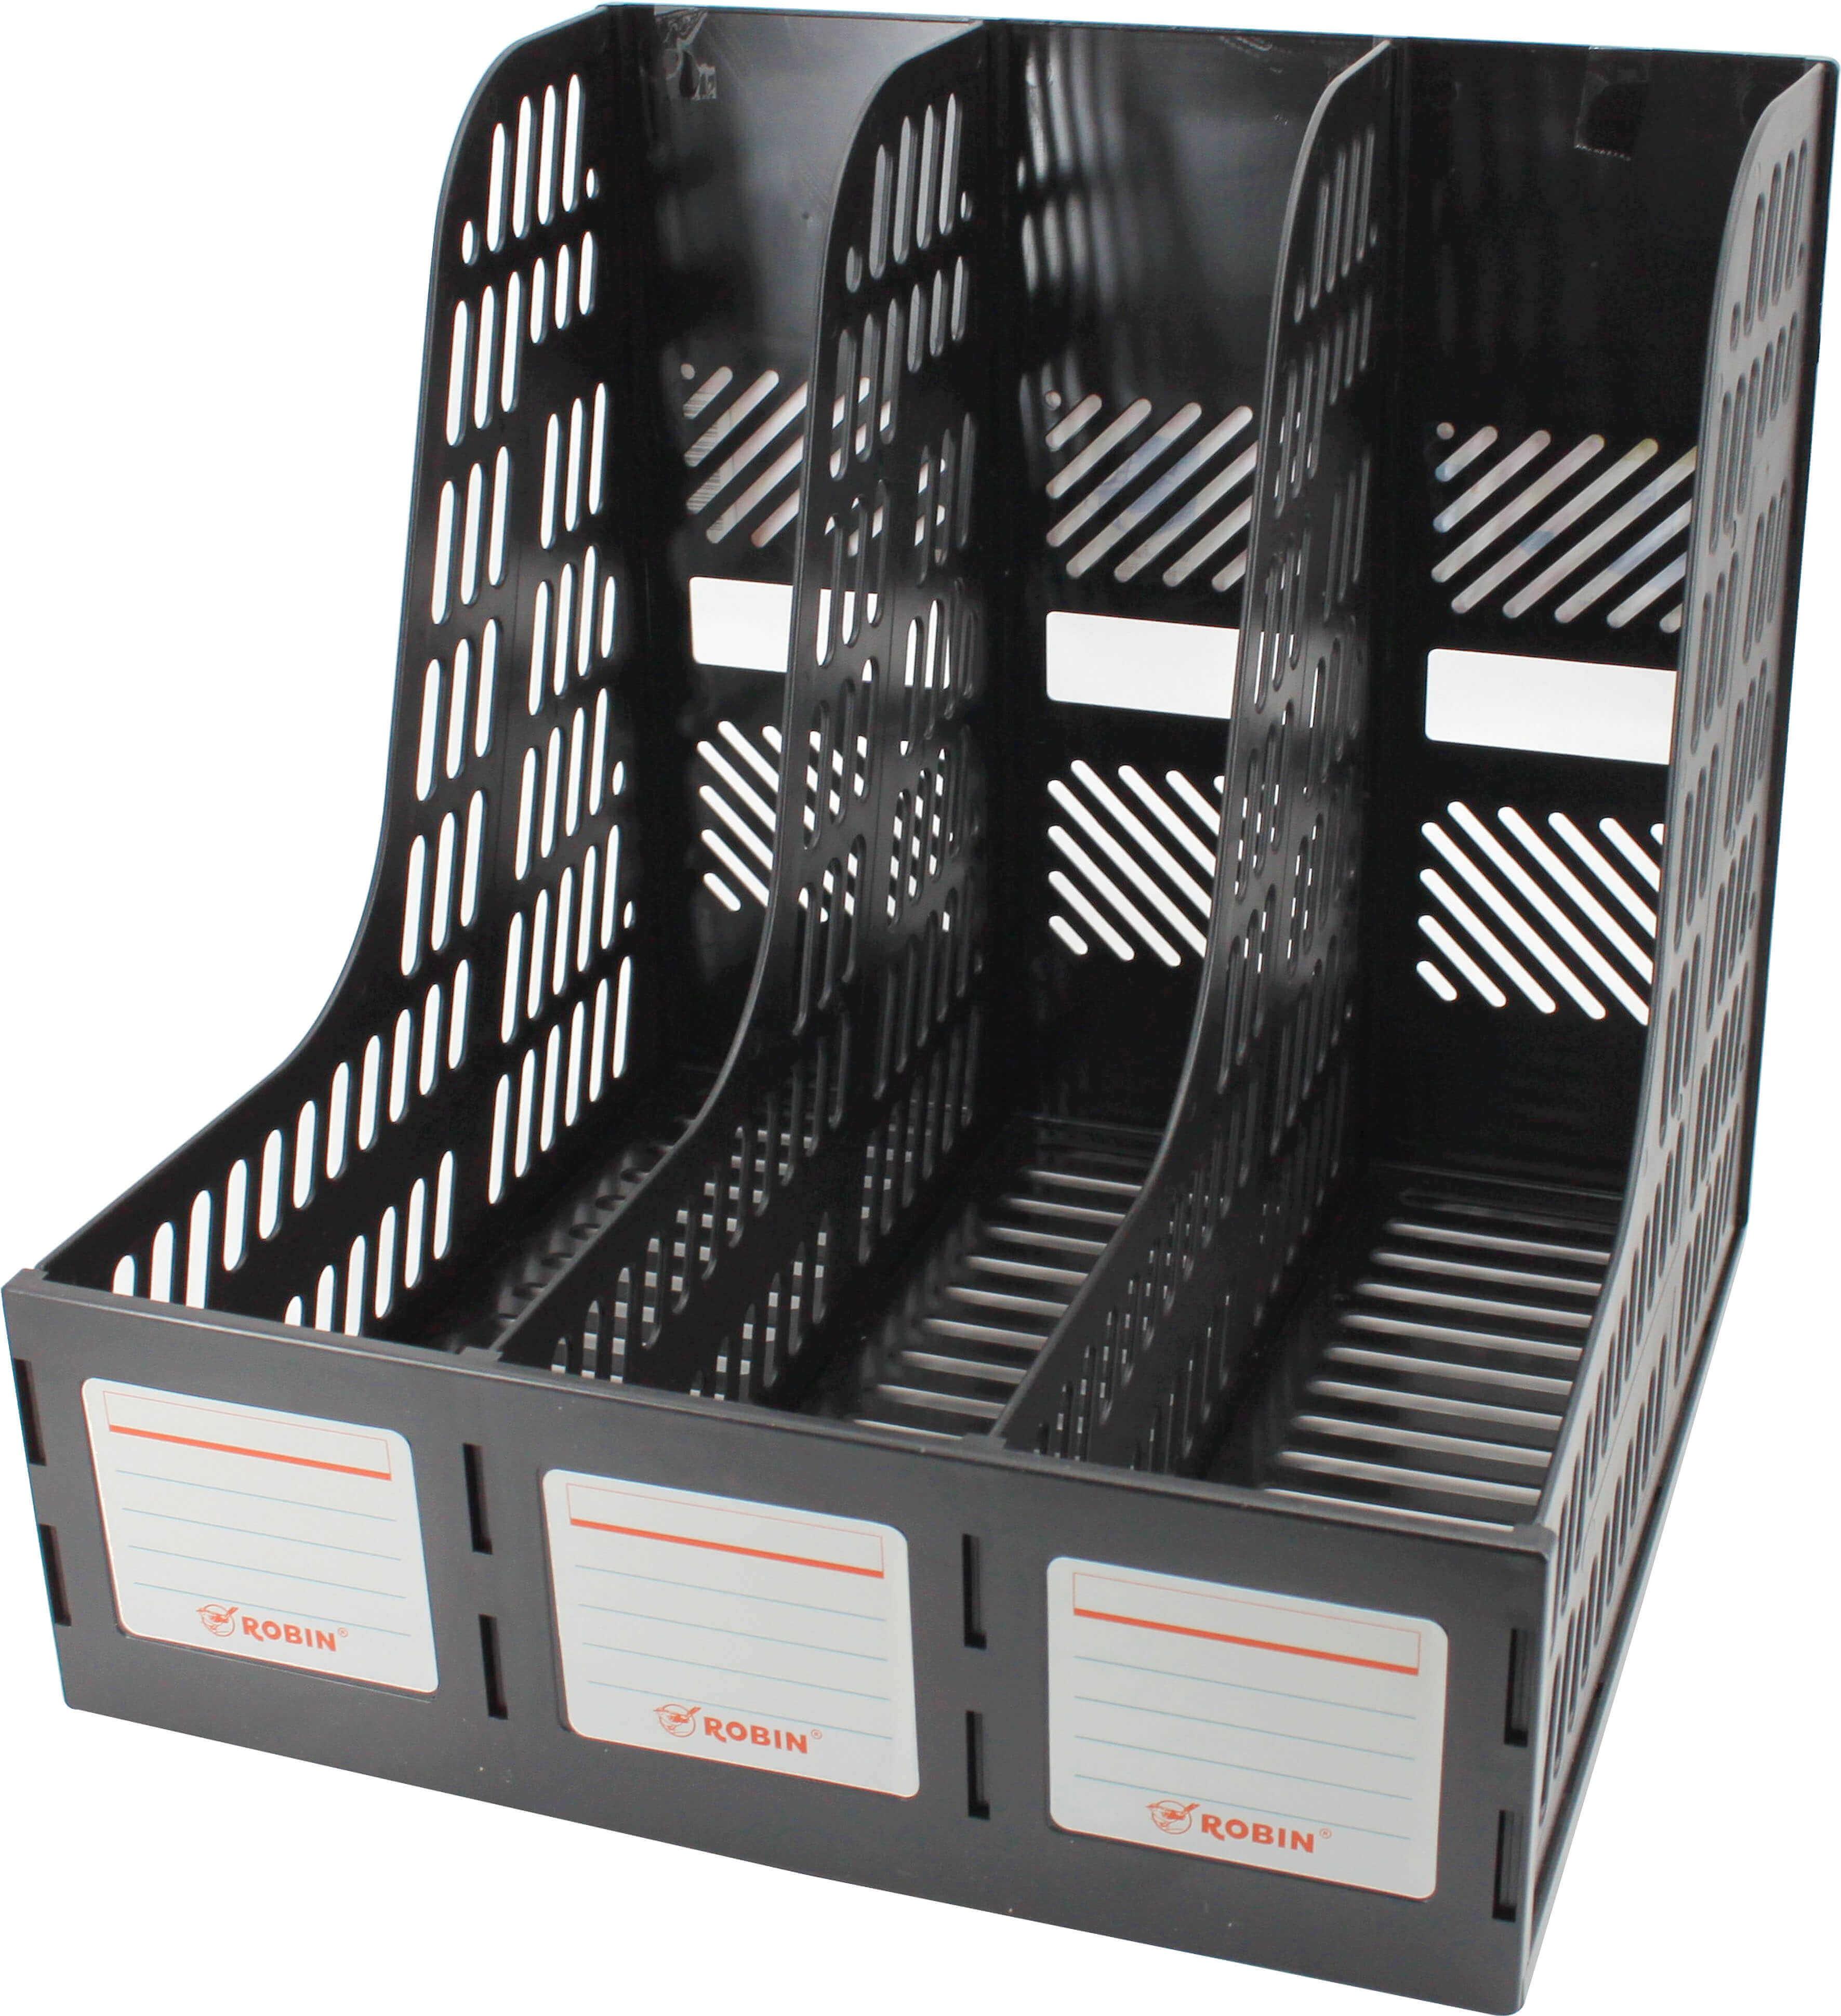 กล่องใส่เอกสารพลาสติก 3 ช่อง Robin 123 สีดำ